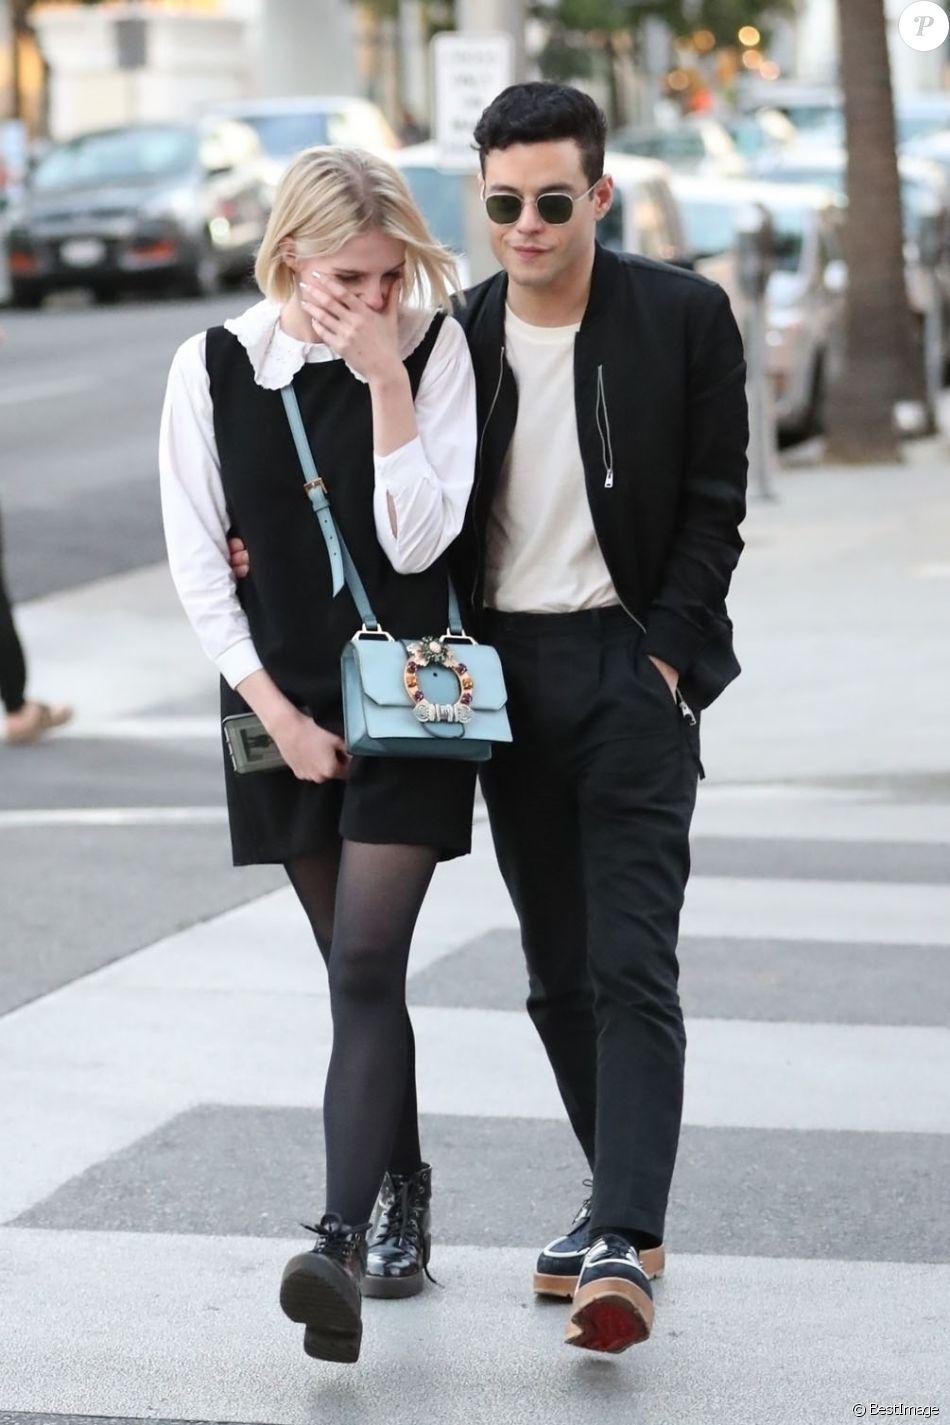 Exclusif - Rami Malek et sa compagne Lucy Boynton font du shopping sur Rodeo Drive à Beverly Hills, le 14 novembre 2018